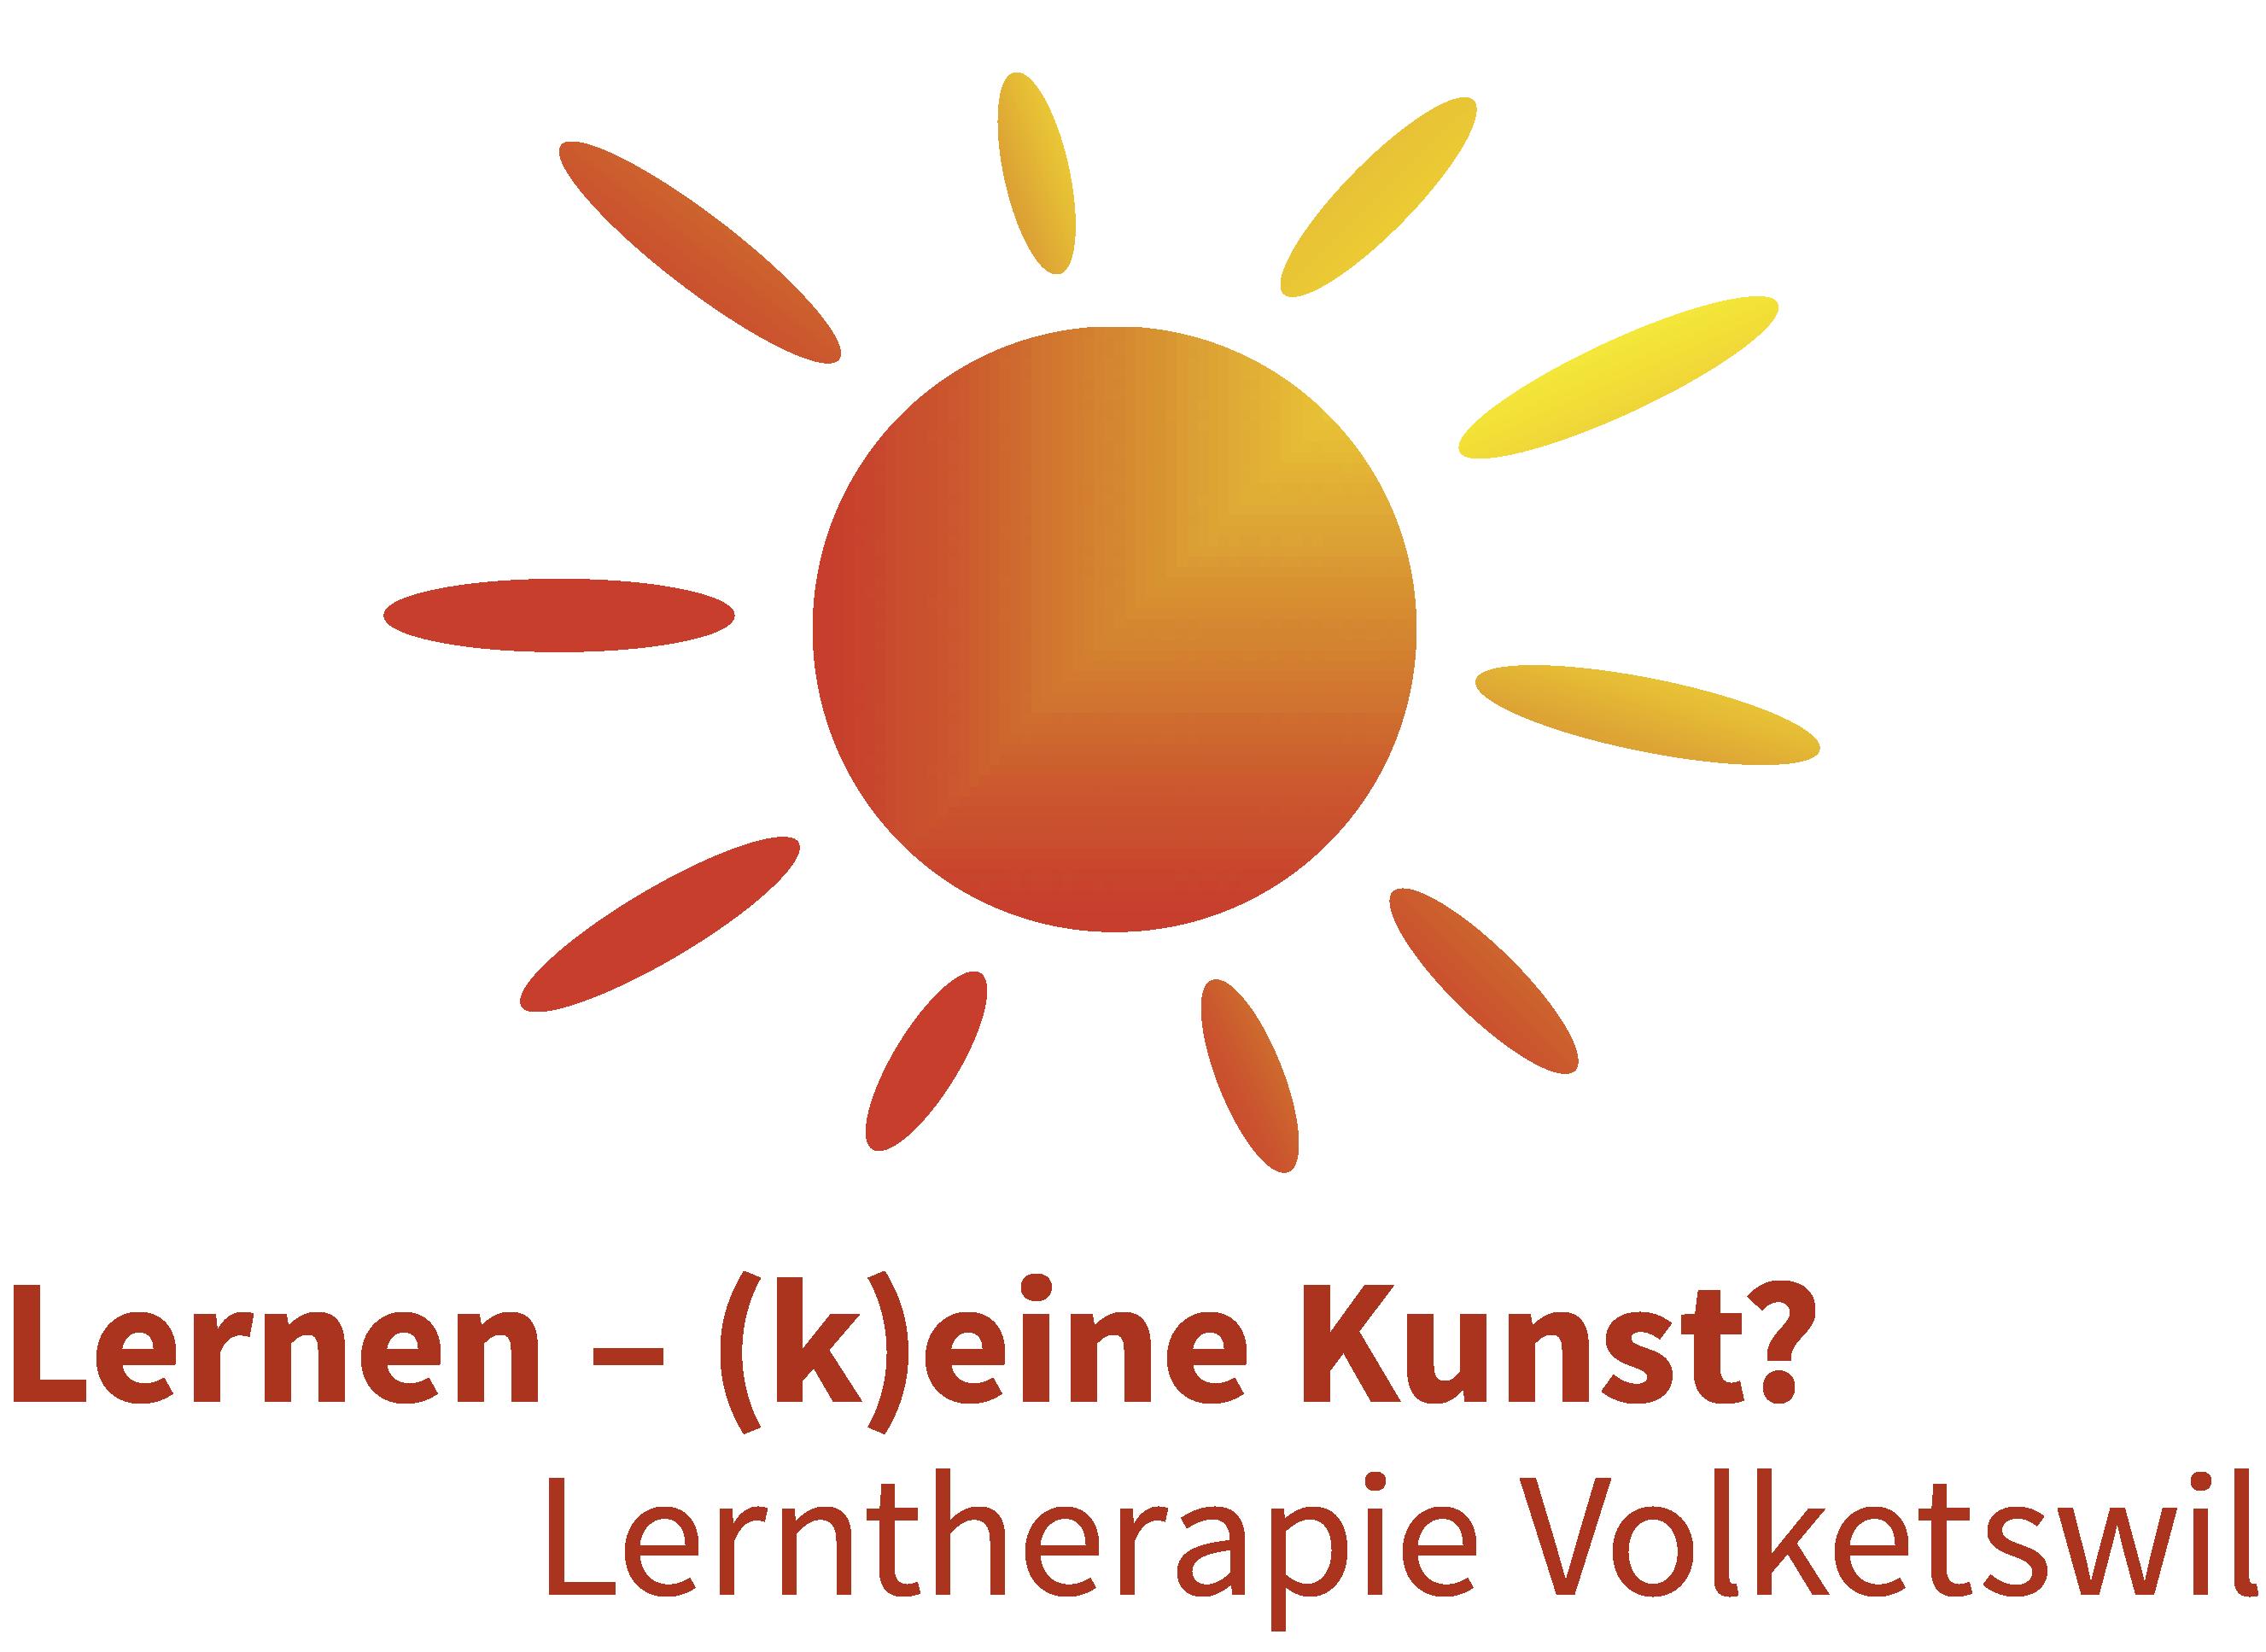 Lerntherapie Volketswil